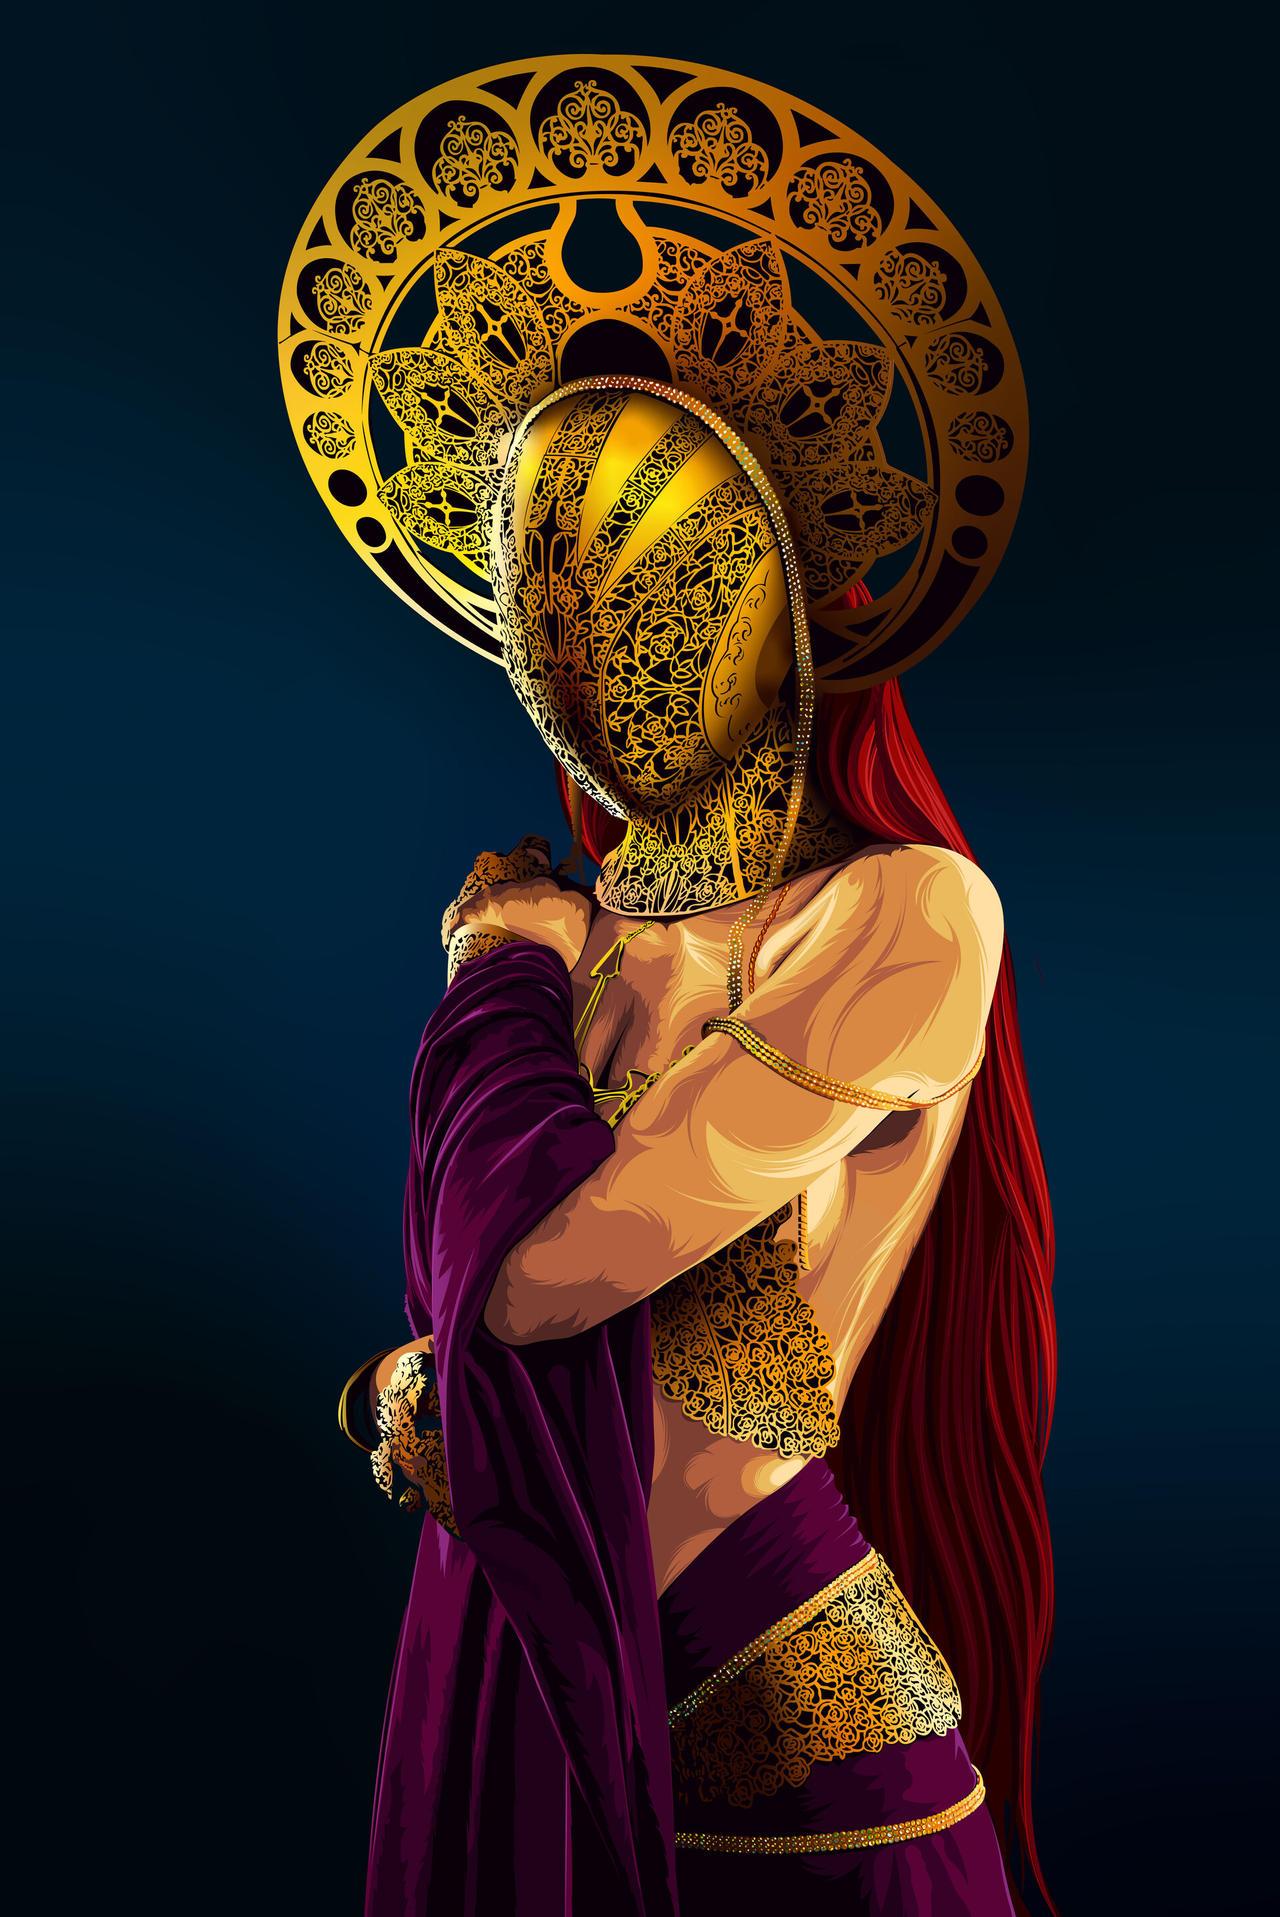 Nikolay-jenchina-v-maske22